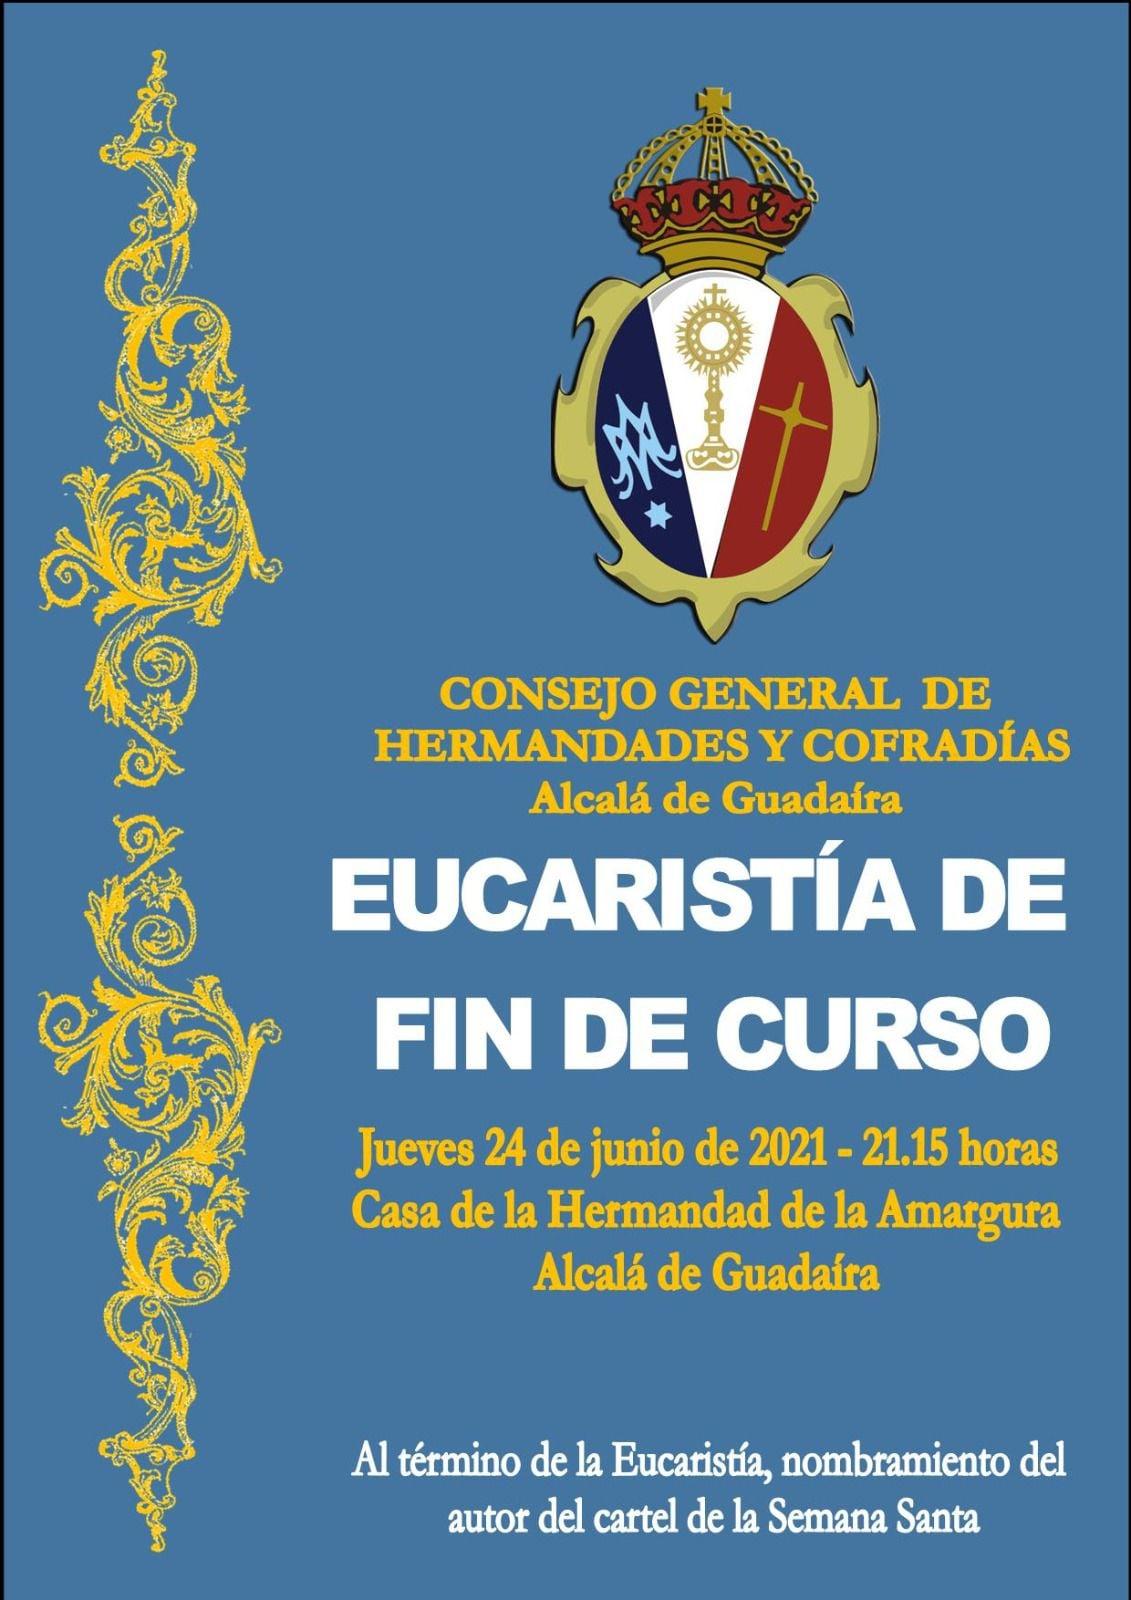 Eucaristia de Fin de Curso de las Hermandades